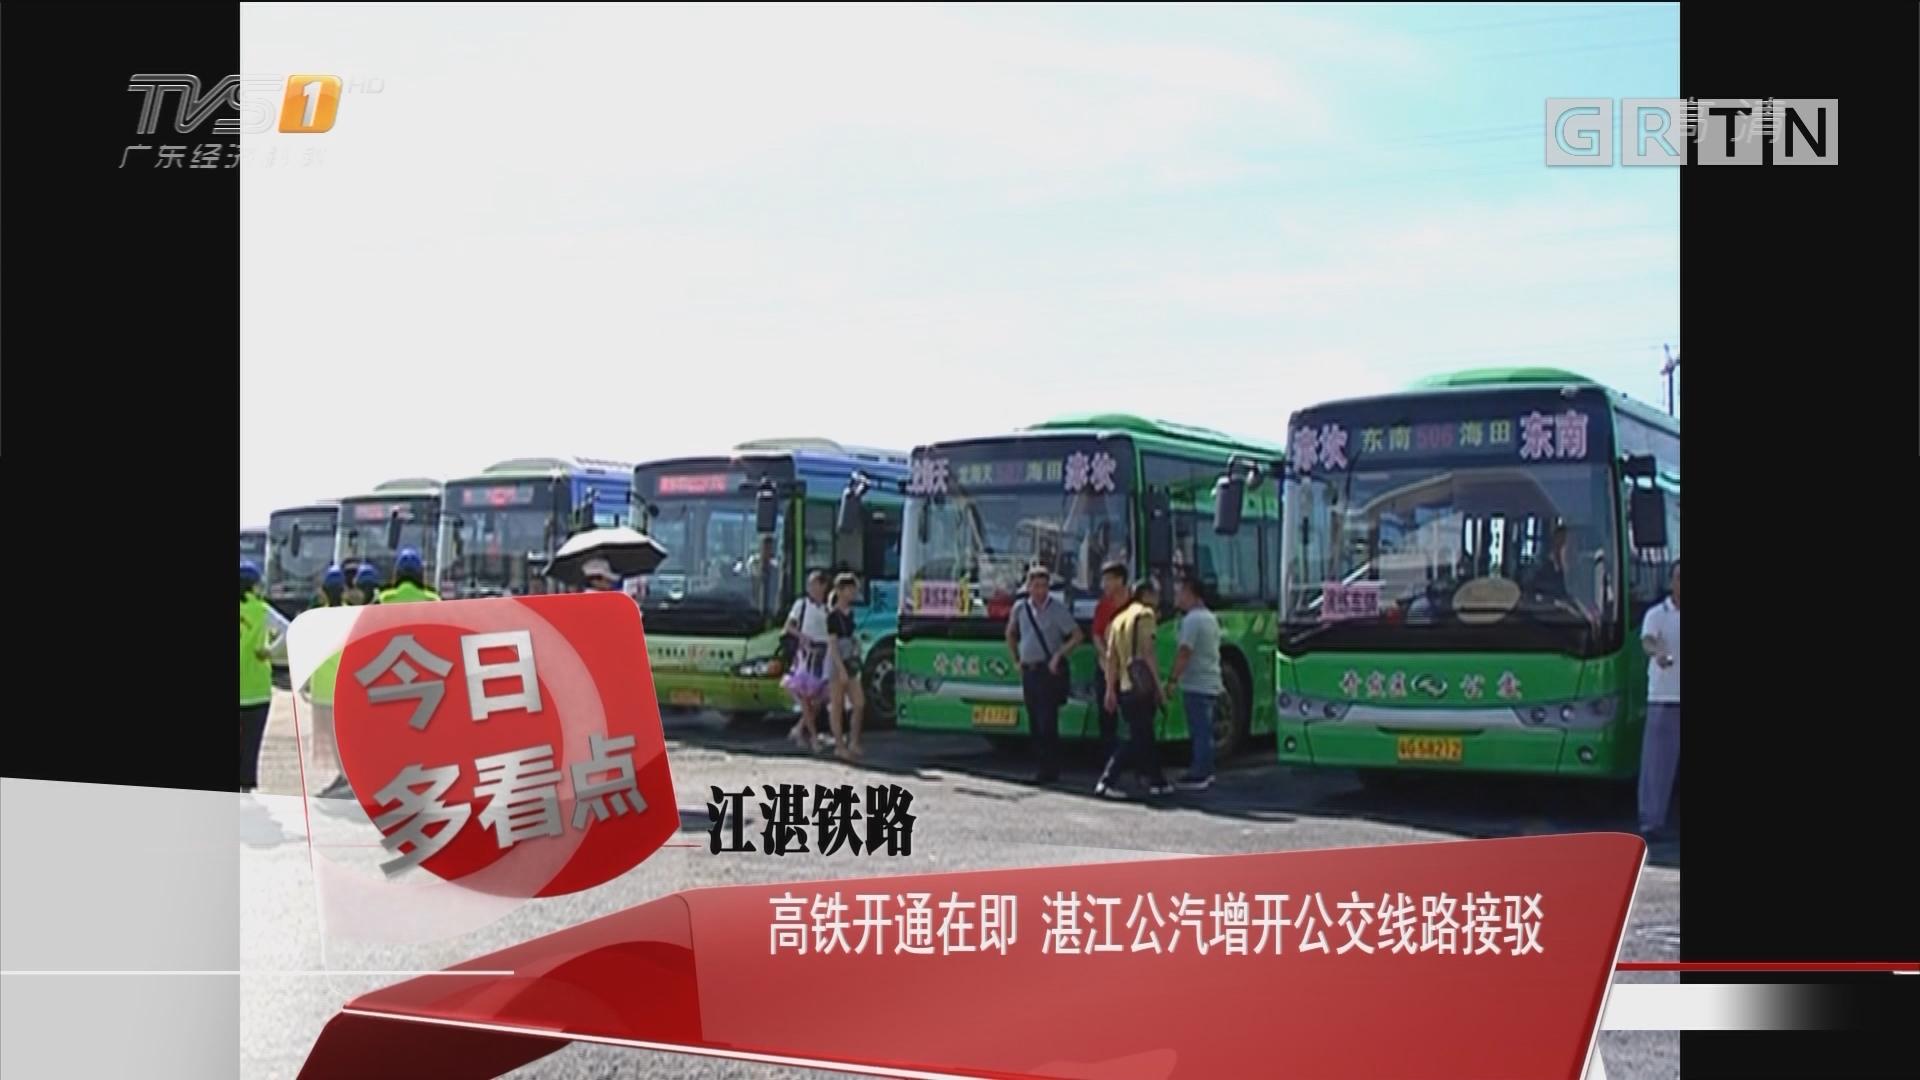 江湛铁路:高铁开通在即 湛江公汽增开公交线路接驳